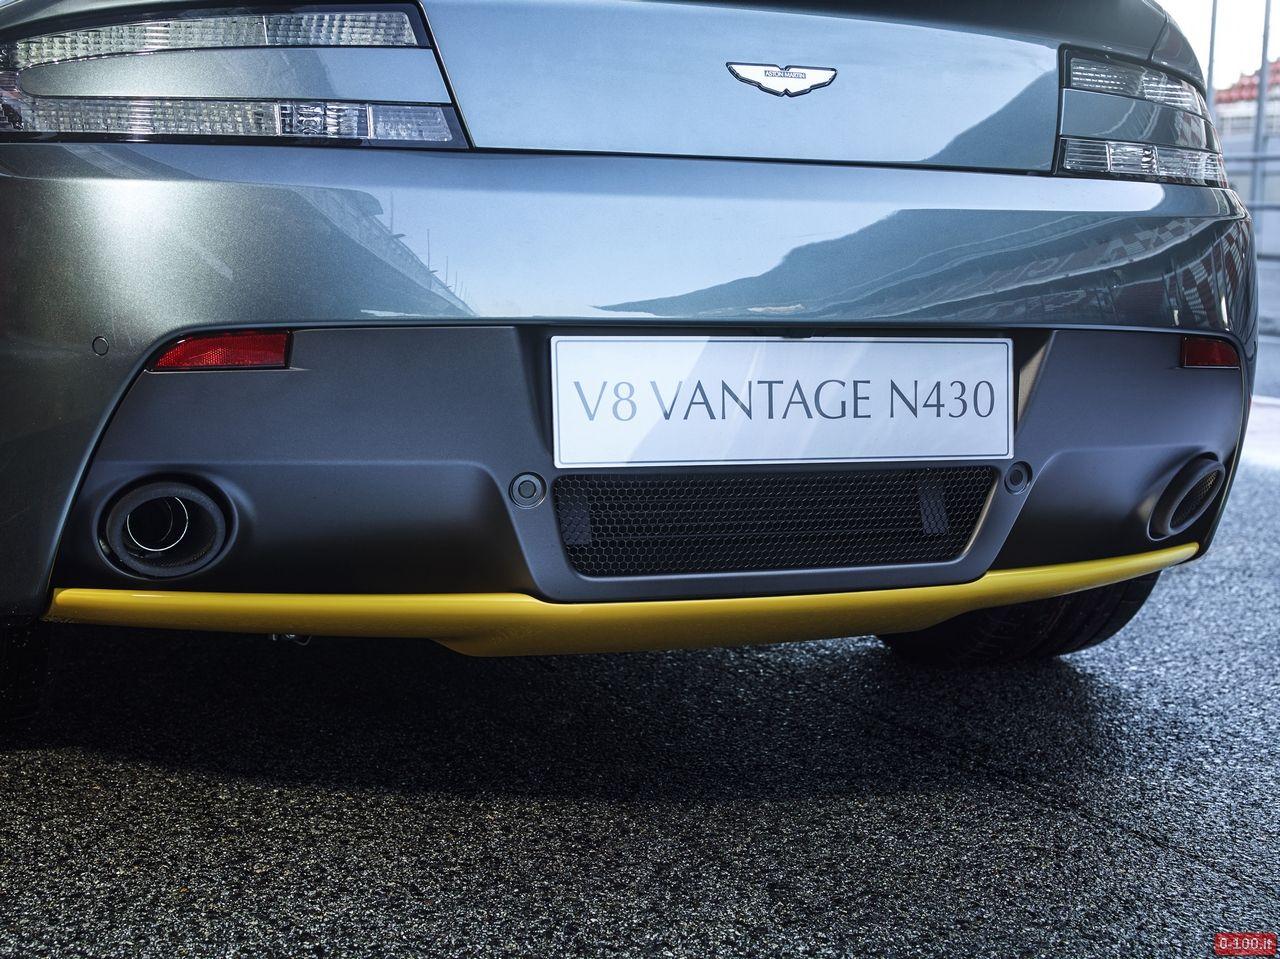 aston-martin-v8-vantage-n430-geneve-2014-prezzo-price-0-100_13